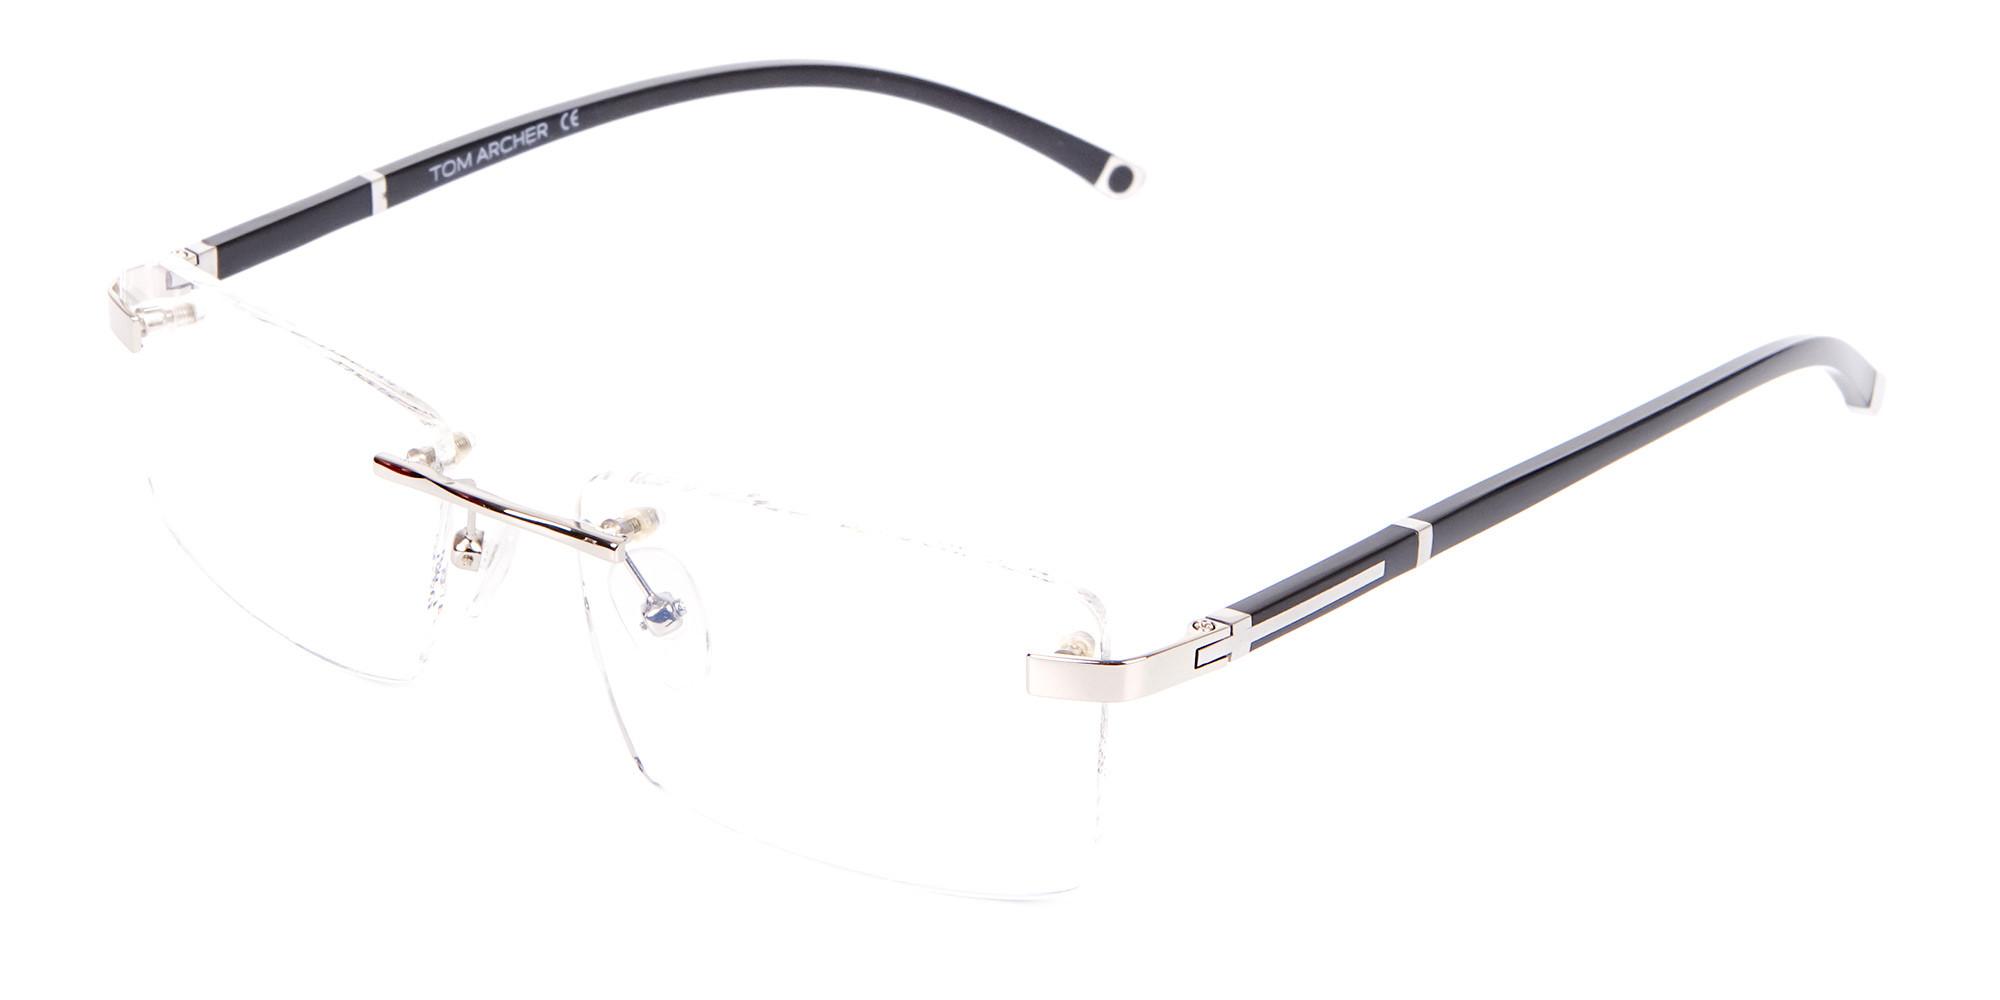 Silver Rectangular Rimless Glasses, Online UK-3